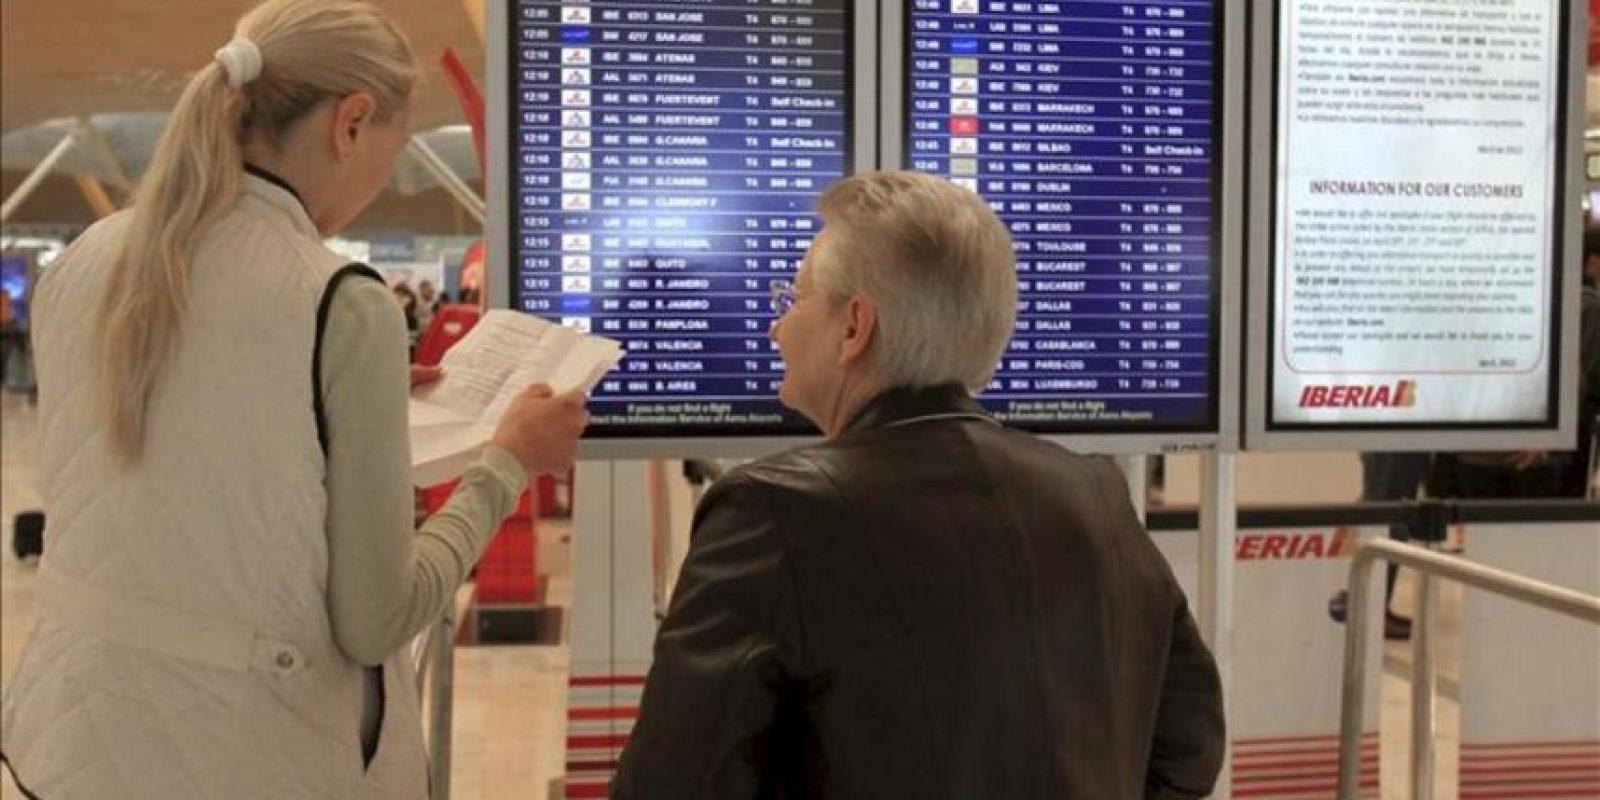 Dos personas consultan sus vuelos hoy, 20 de abril de 2012, en el aeropuerto de Madrid-Barajas, donde Iberia ha cancelado 120 vuelos, entre ellos seis entre Madrid y ciudades latinoamericanas, debido a la nueva jornada de huelga del sindicato de pilotos Sepla en protesta por la creación de la filial de bajo coste Iberia Express. EFE